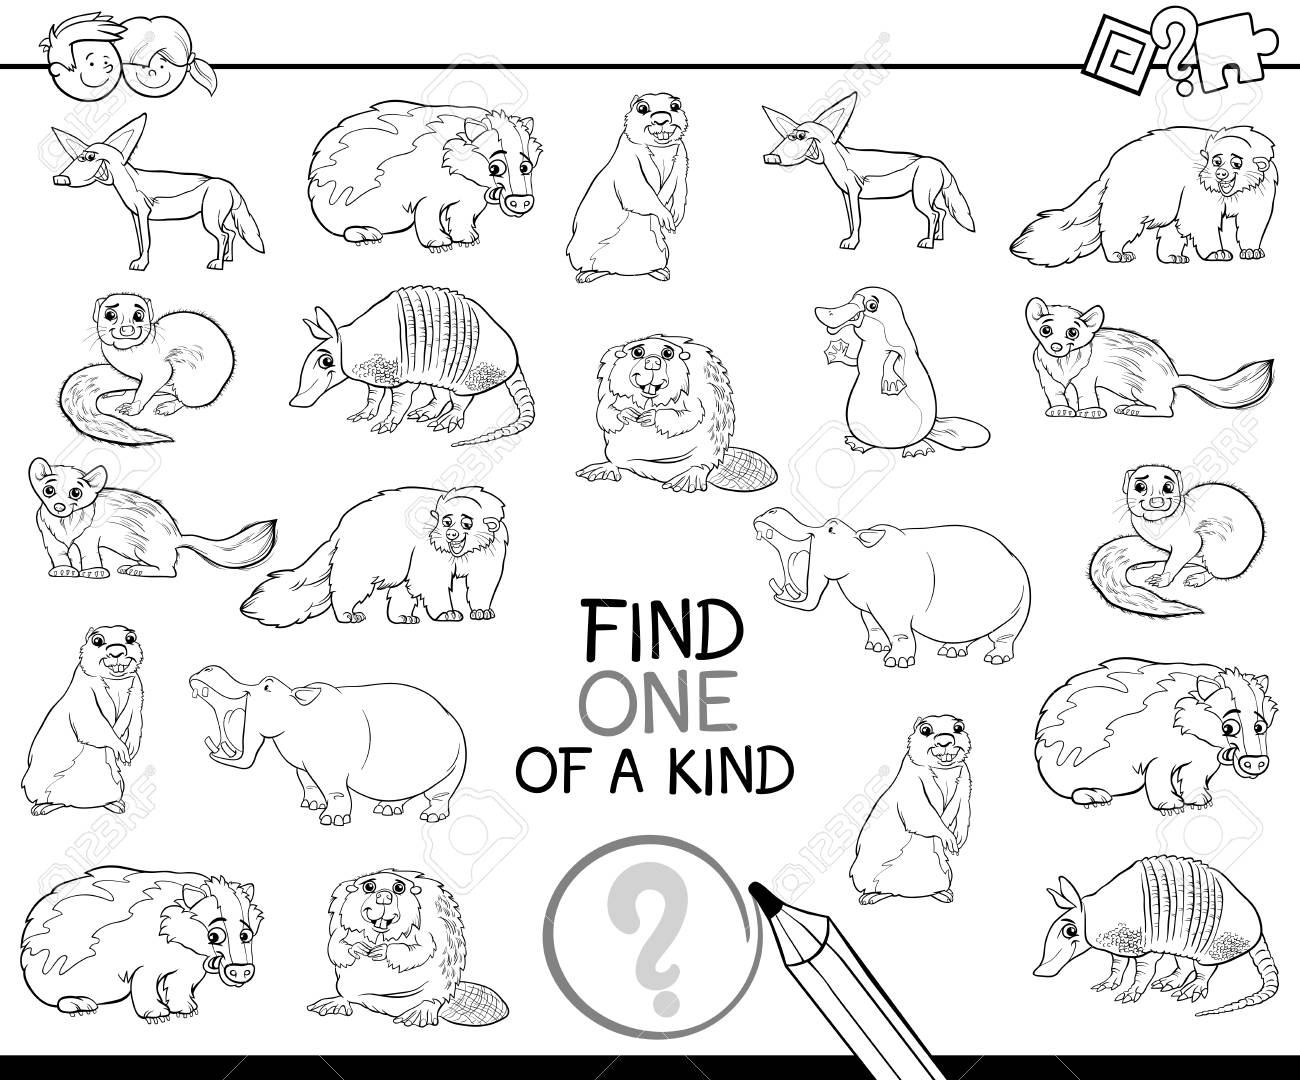 Ilustración De Dibujos Animados En Blanco Y Negro De Encontrar Uno De Una Clase De Actividad Educativa Para Niños Con Personajes De Animales Salvajes